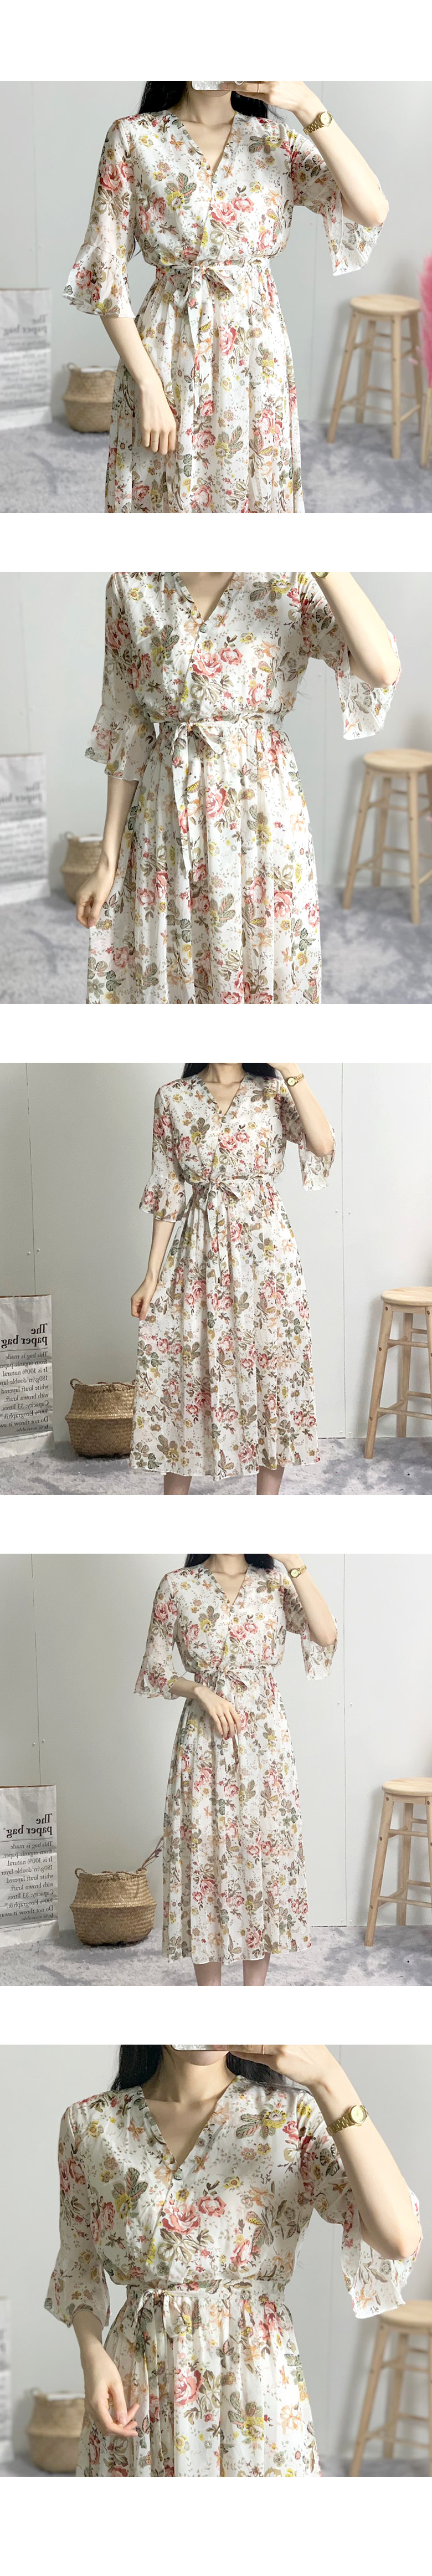 Coco Rose Chiffon Long Dress